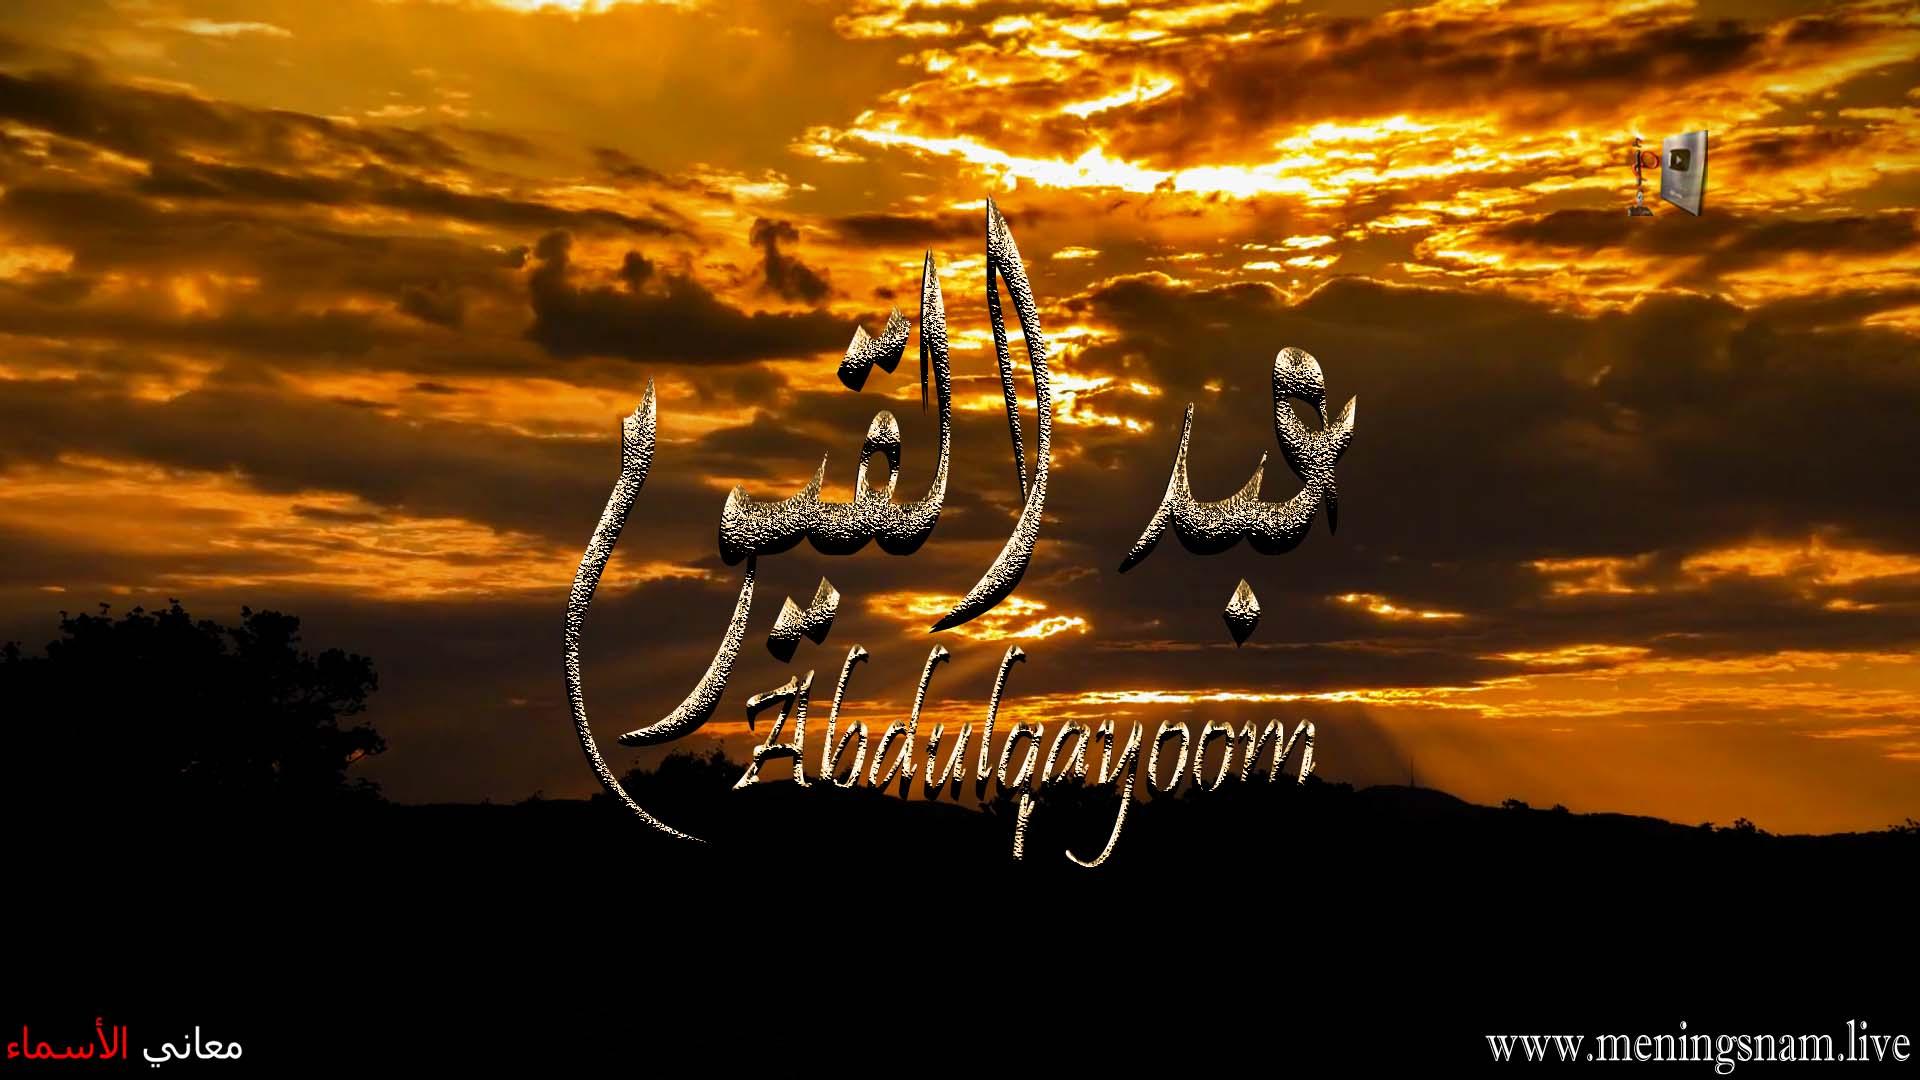 معنى اسم عبد القيوم وصفات حامل هذا الاسم AbdulQayoom